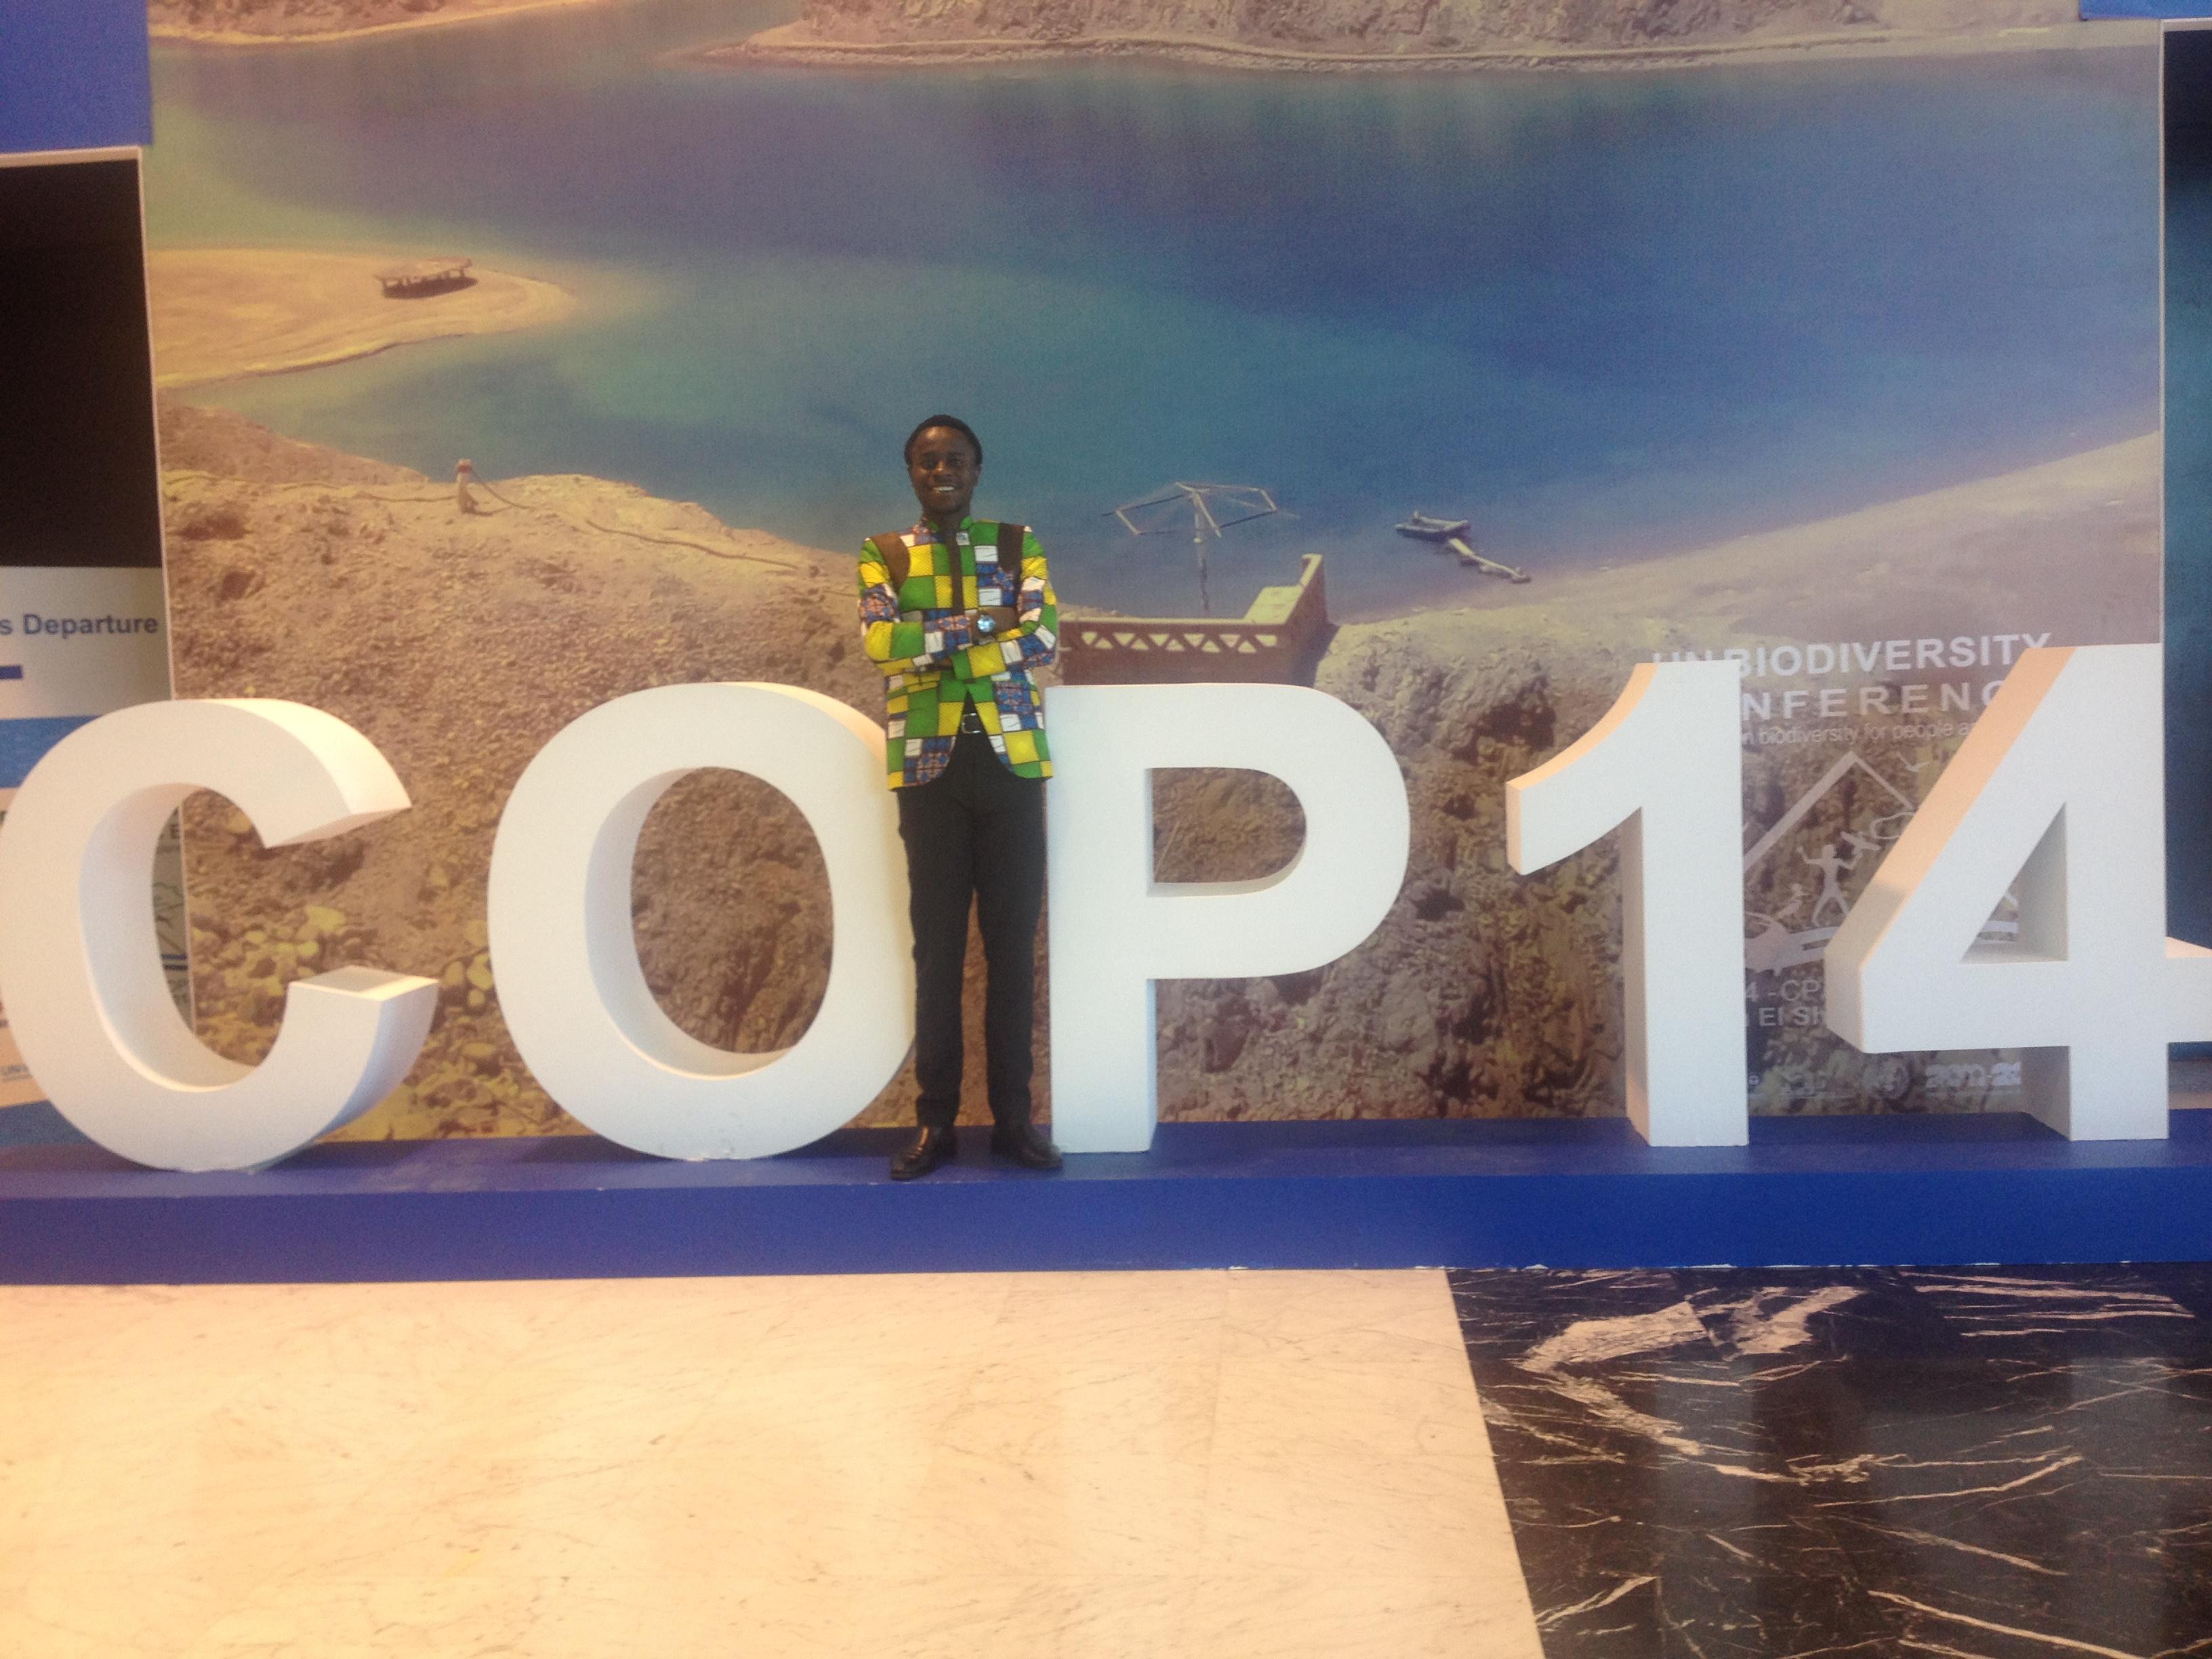 COP14-Egypt-CYNESA-2